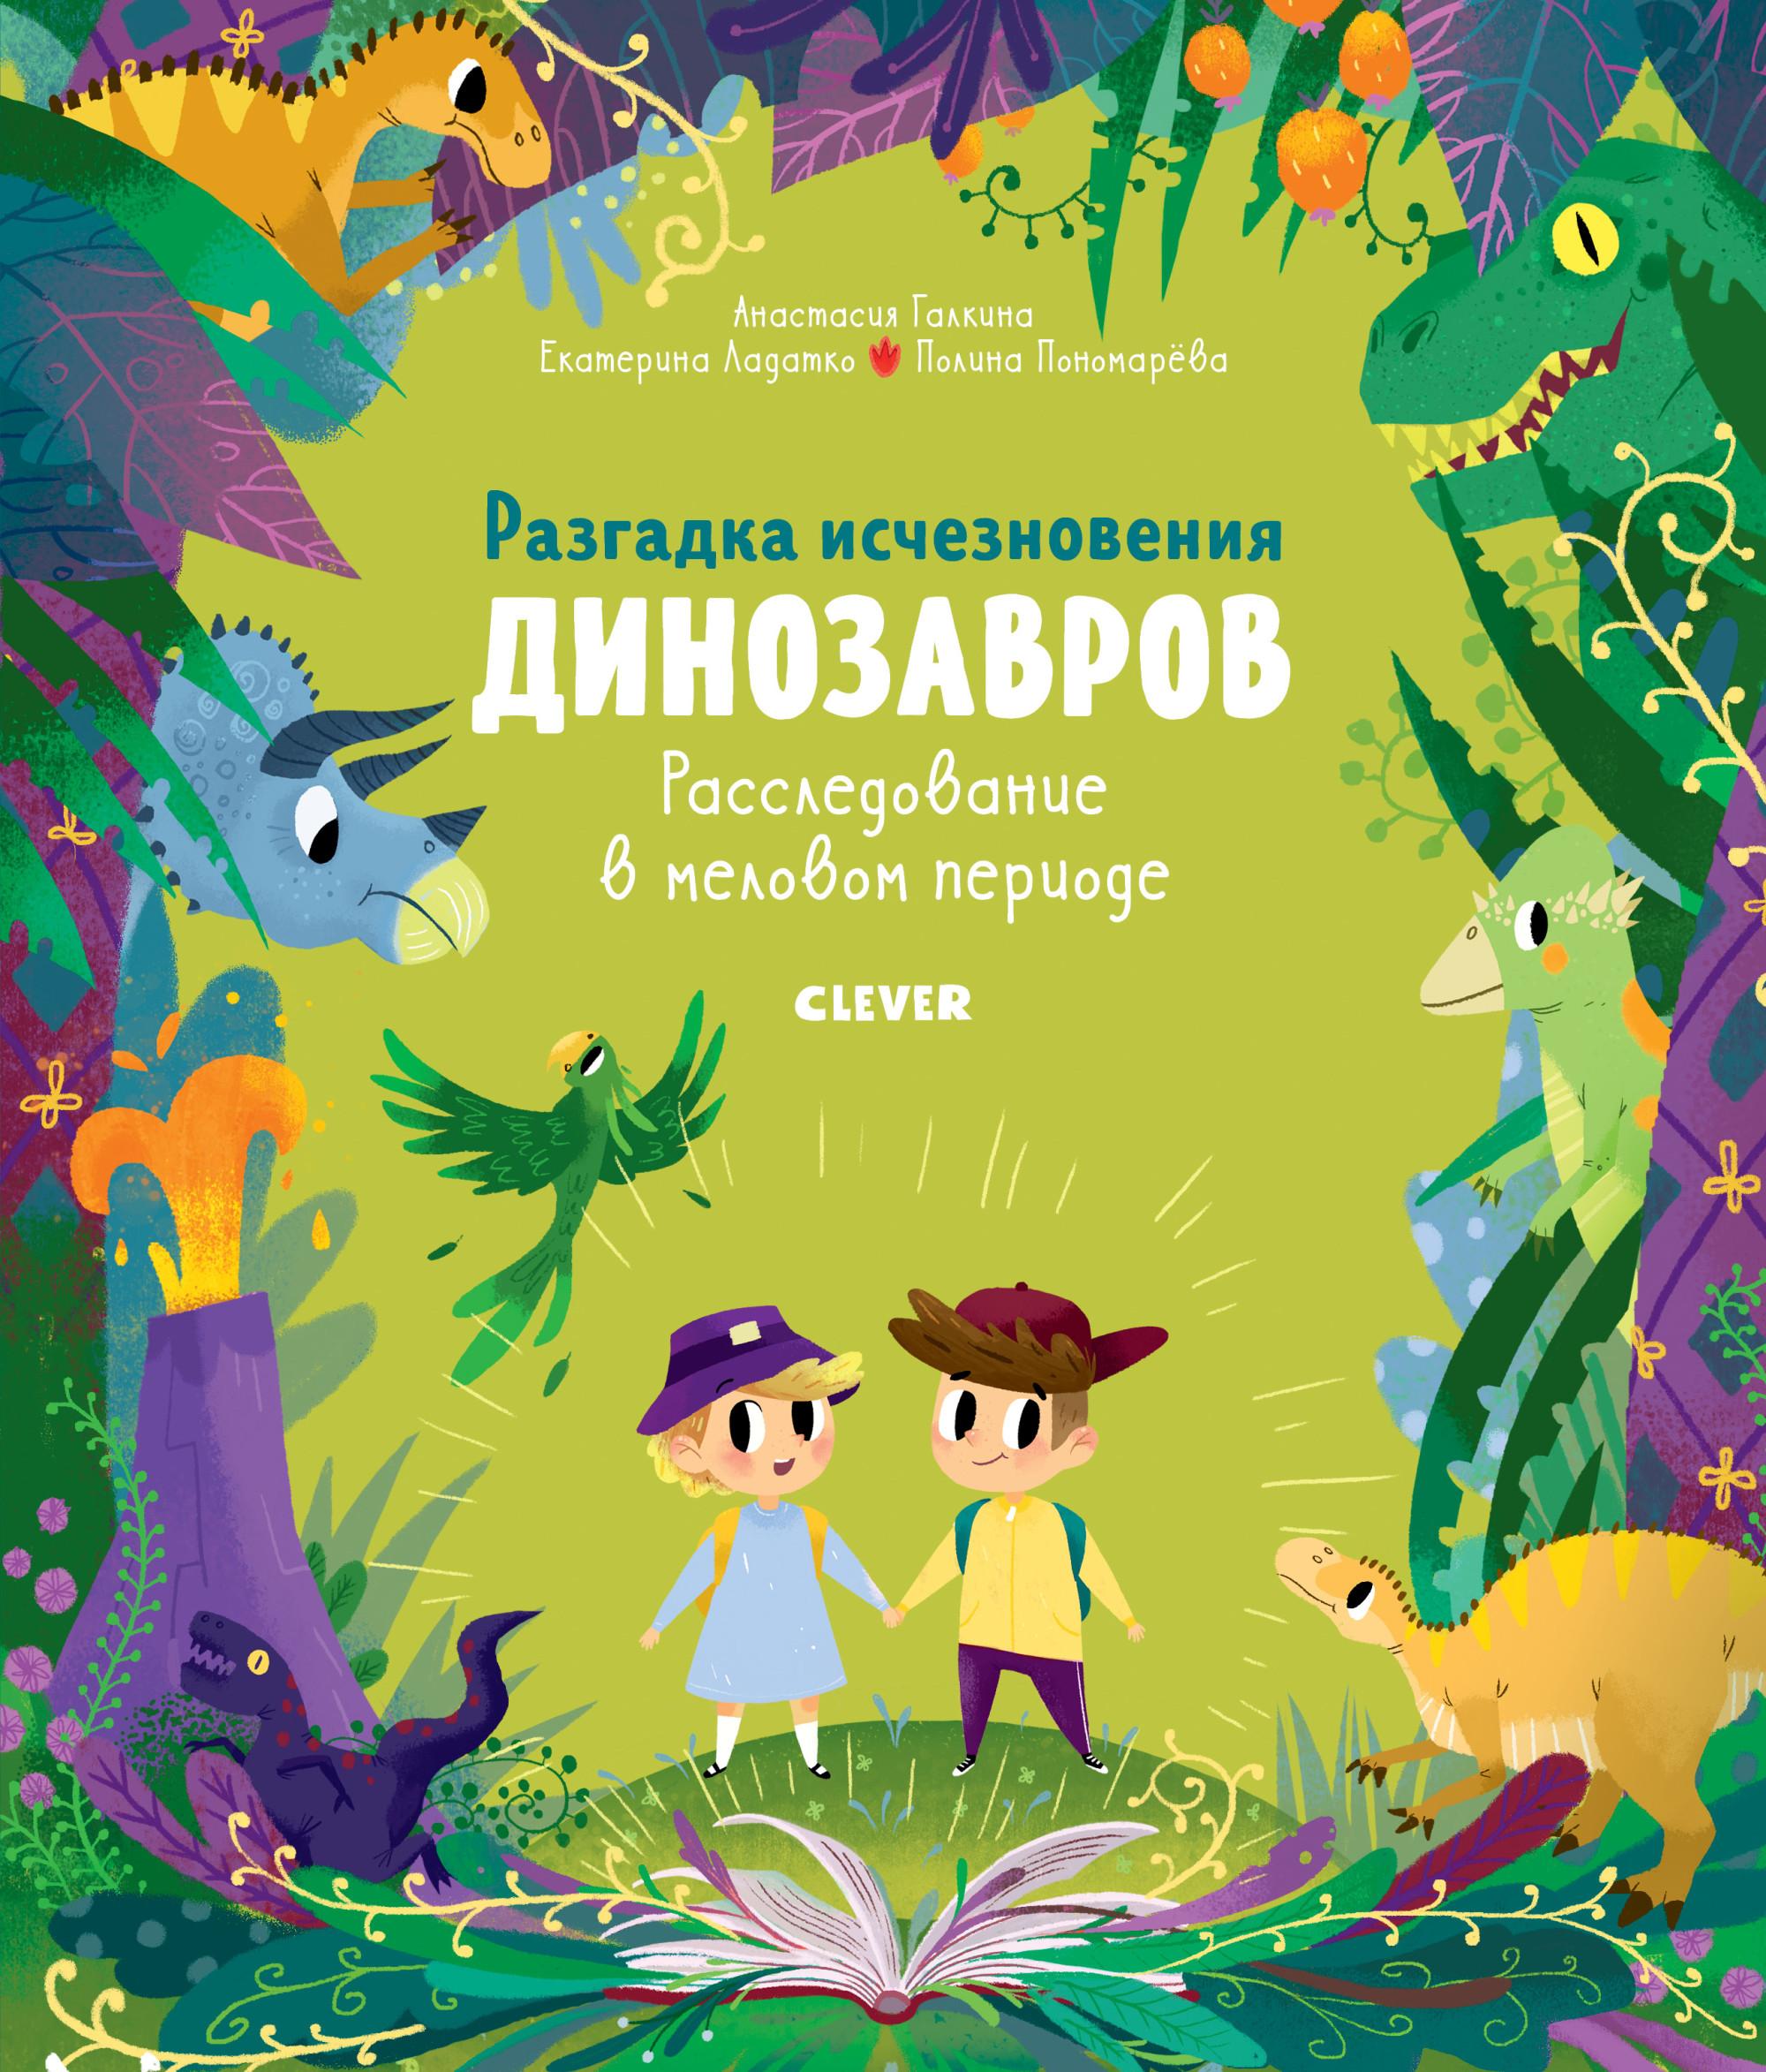 В гостях у динозавров. Разгадка исчезновения динозавров. Расследование в меловом периоде